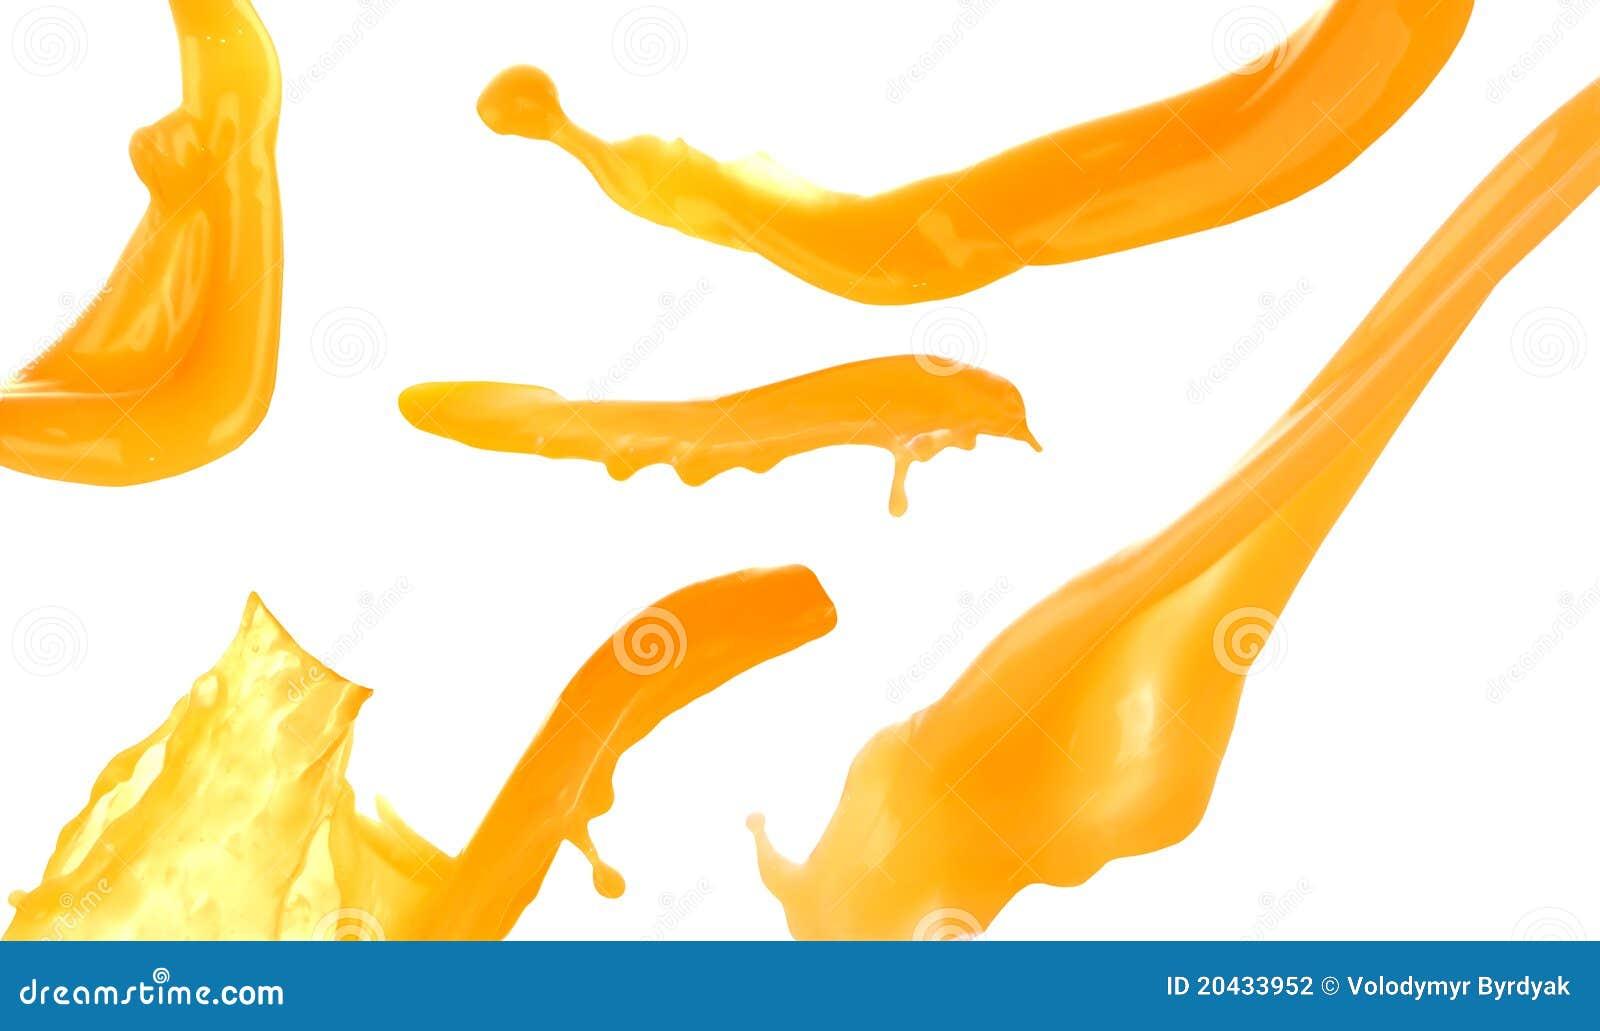 orange juice splash stock photography image 20433952